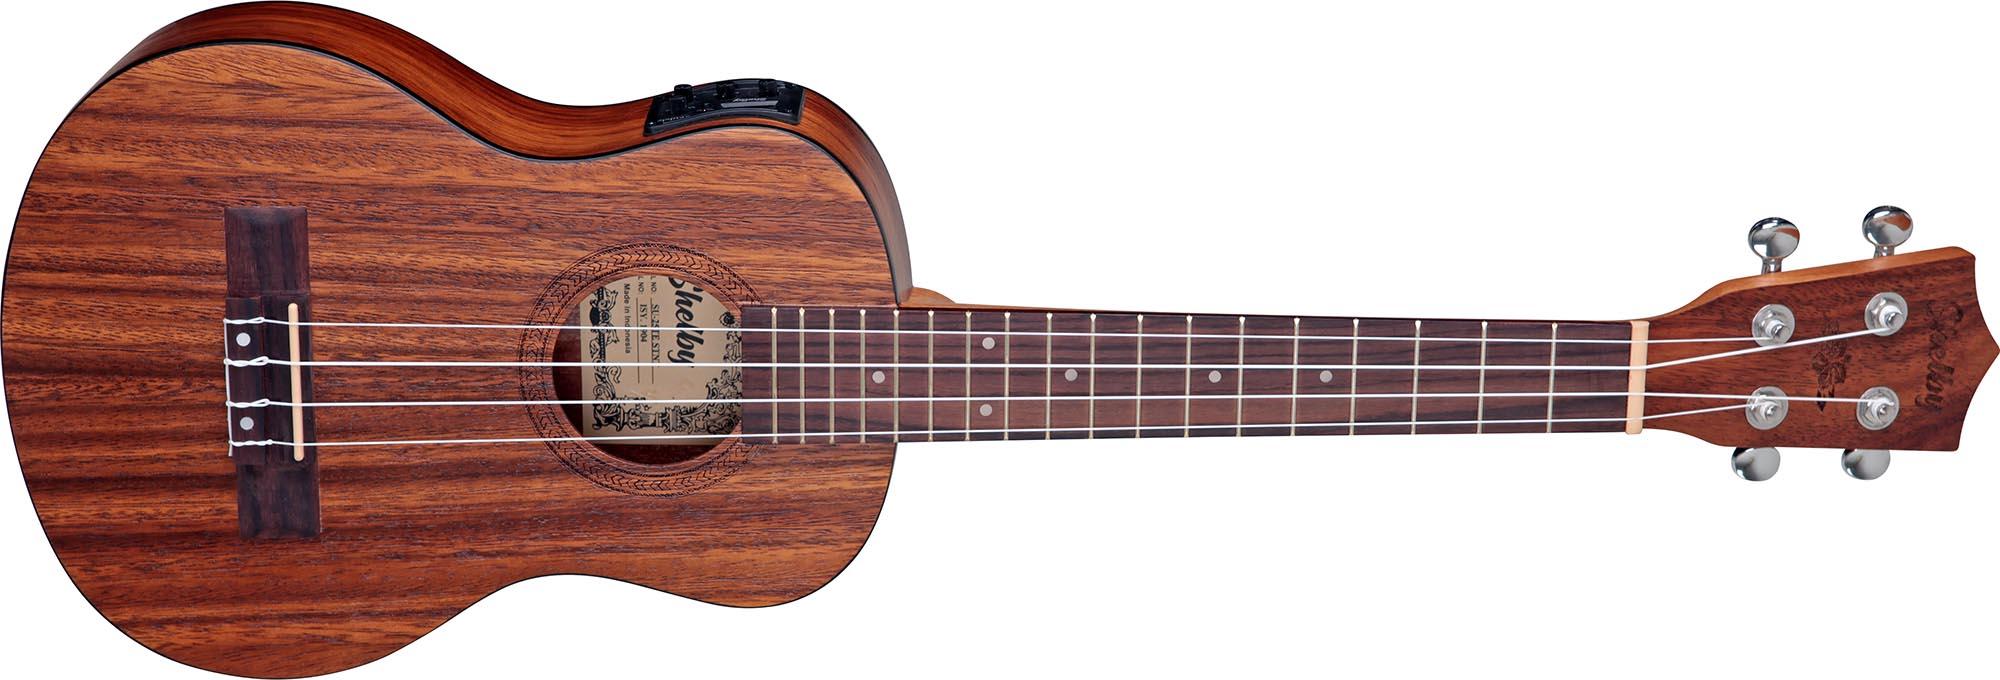 su25te ukulele tenor eletroacustico shelby su25te stnt teca acetinado visao frontal